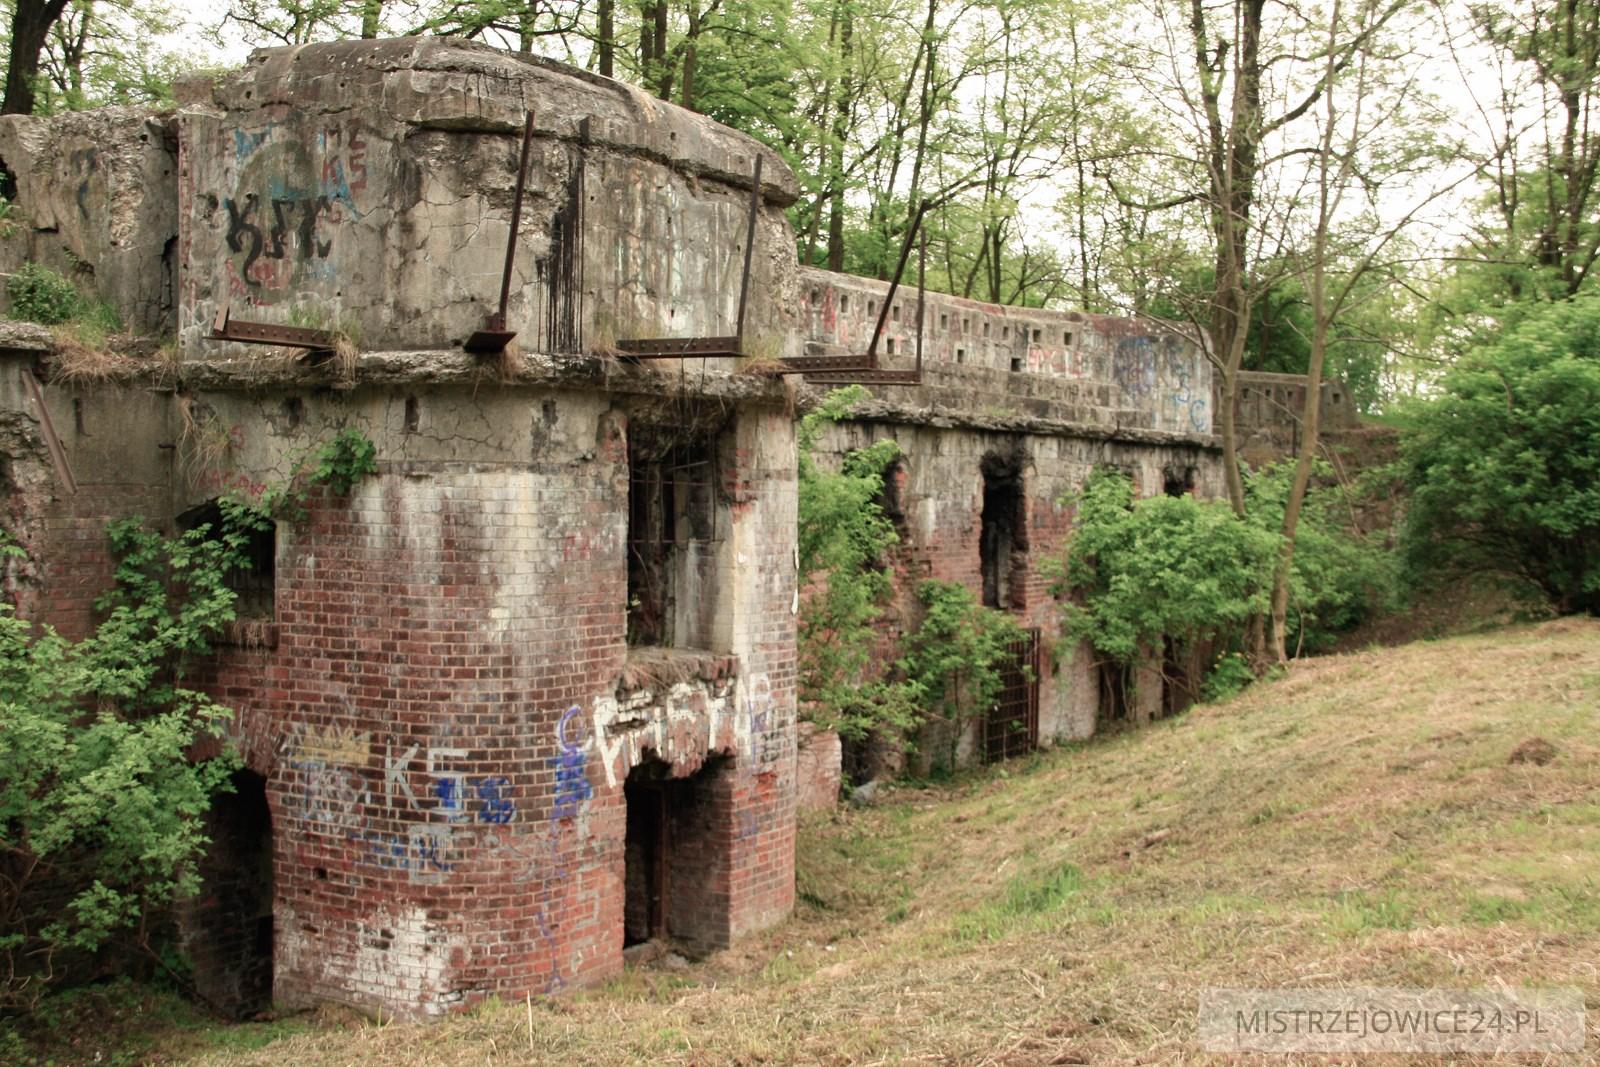 Fort 48a Mistrzejowice